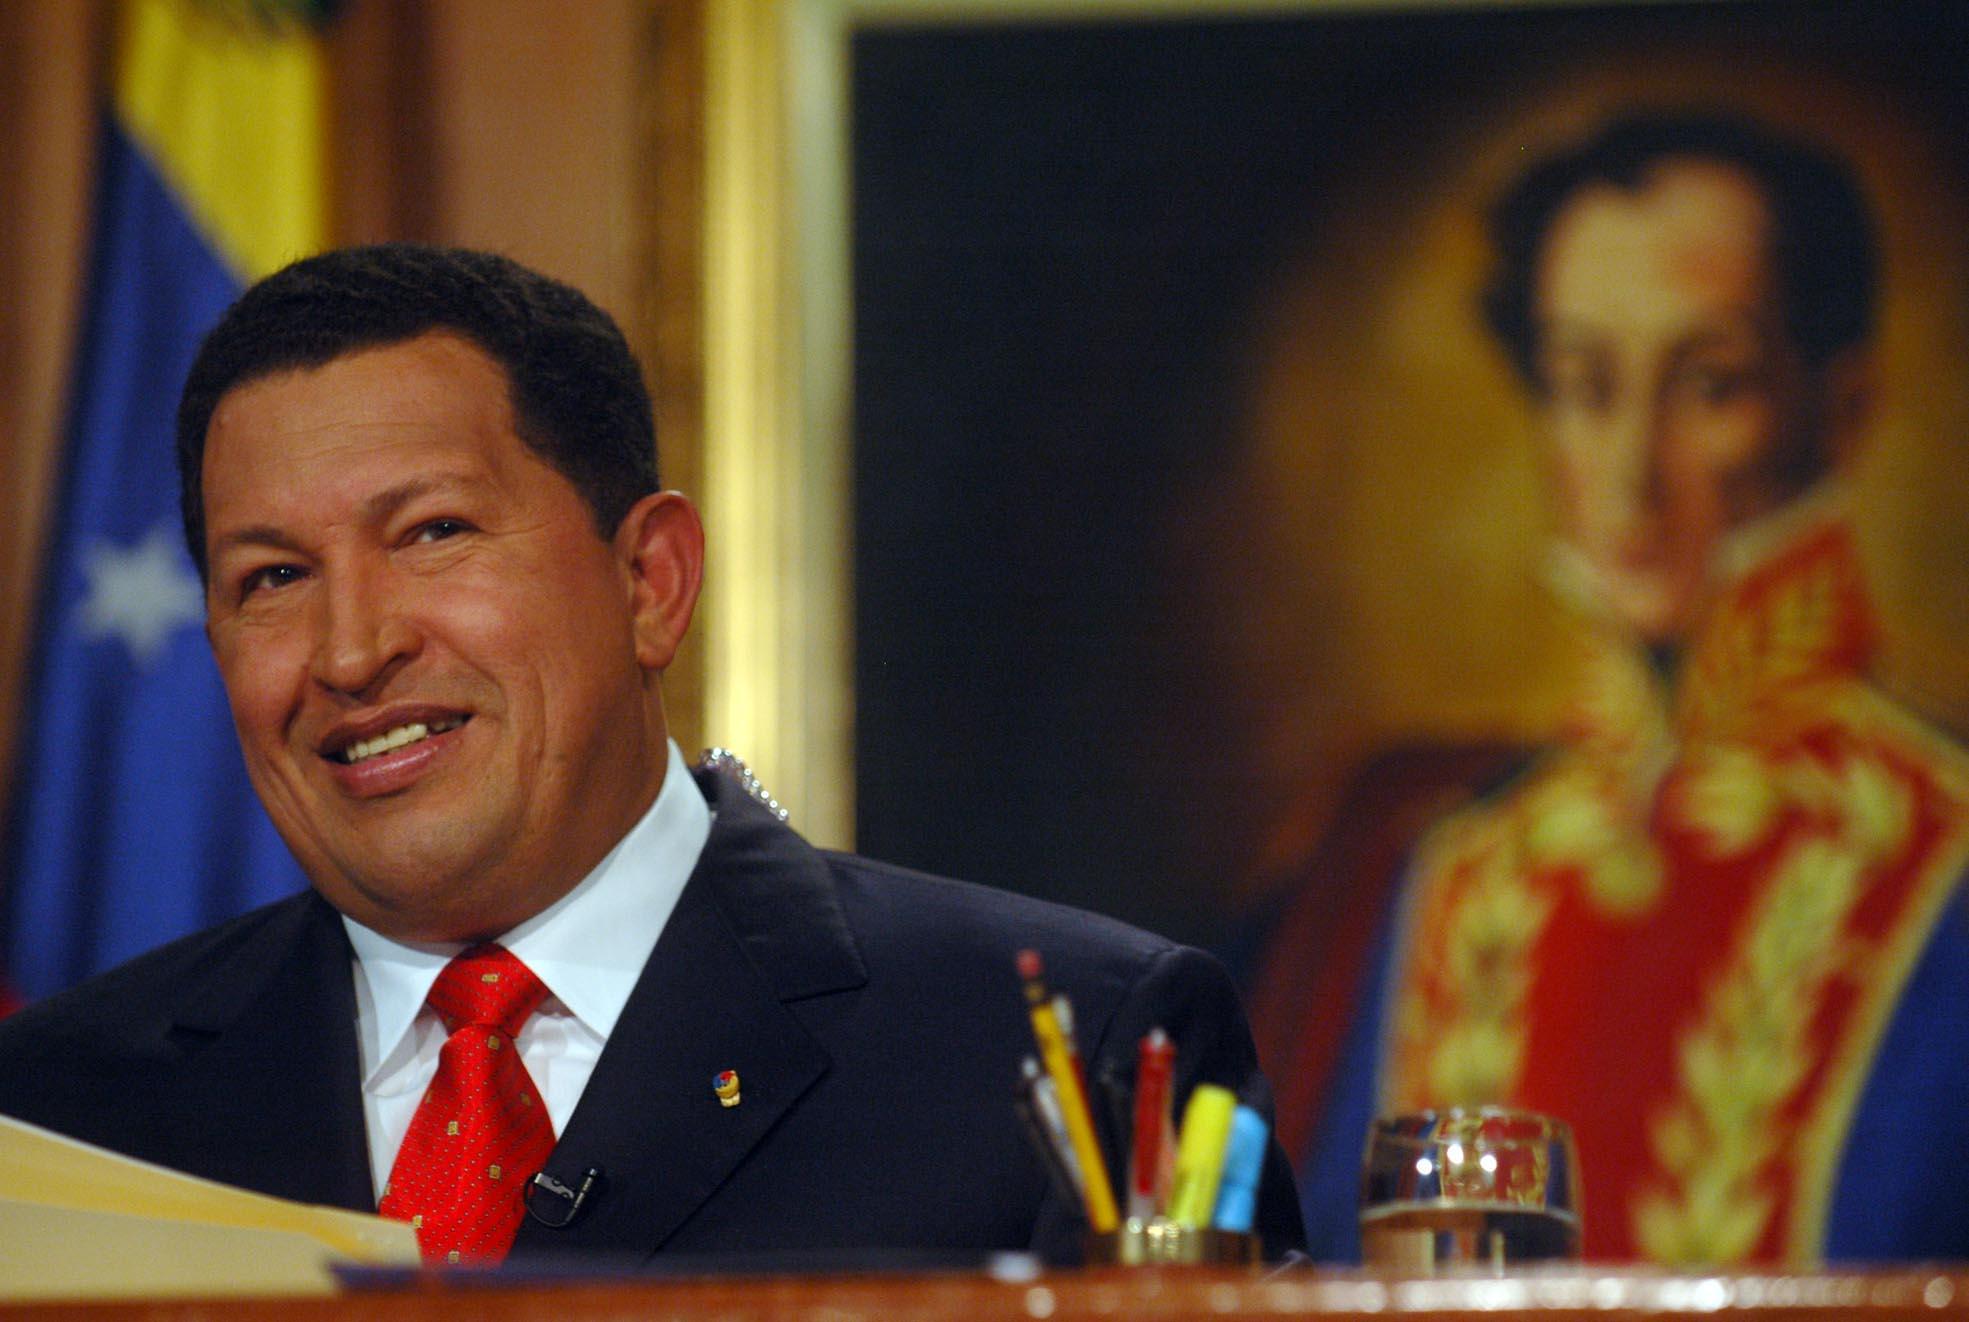 Президент Уго Чавес правил Венесуэлой 14 лет (1998-2013), выстраивая экономическую модель боливарианского социализма